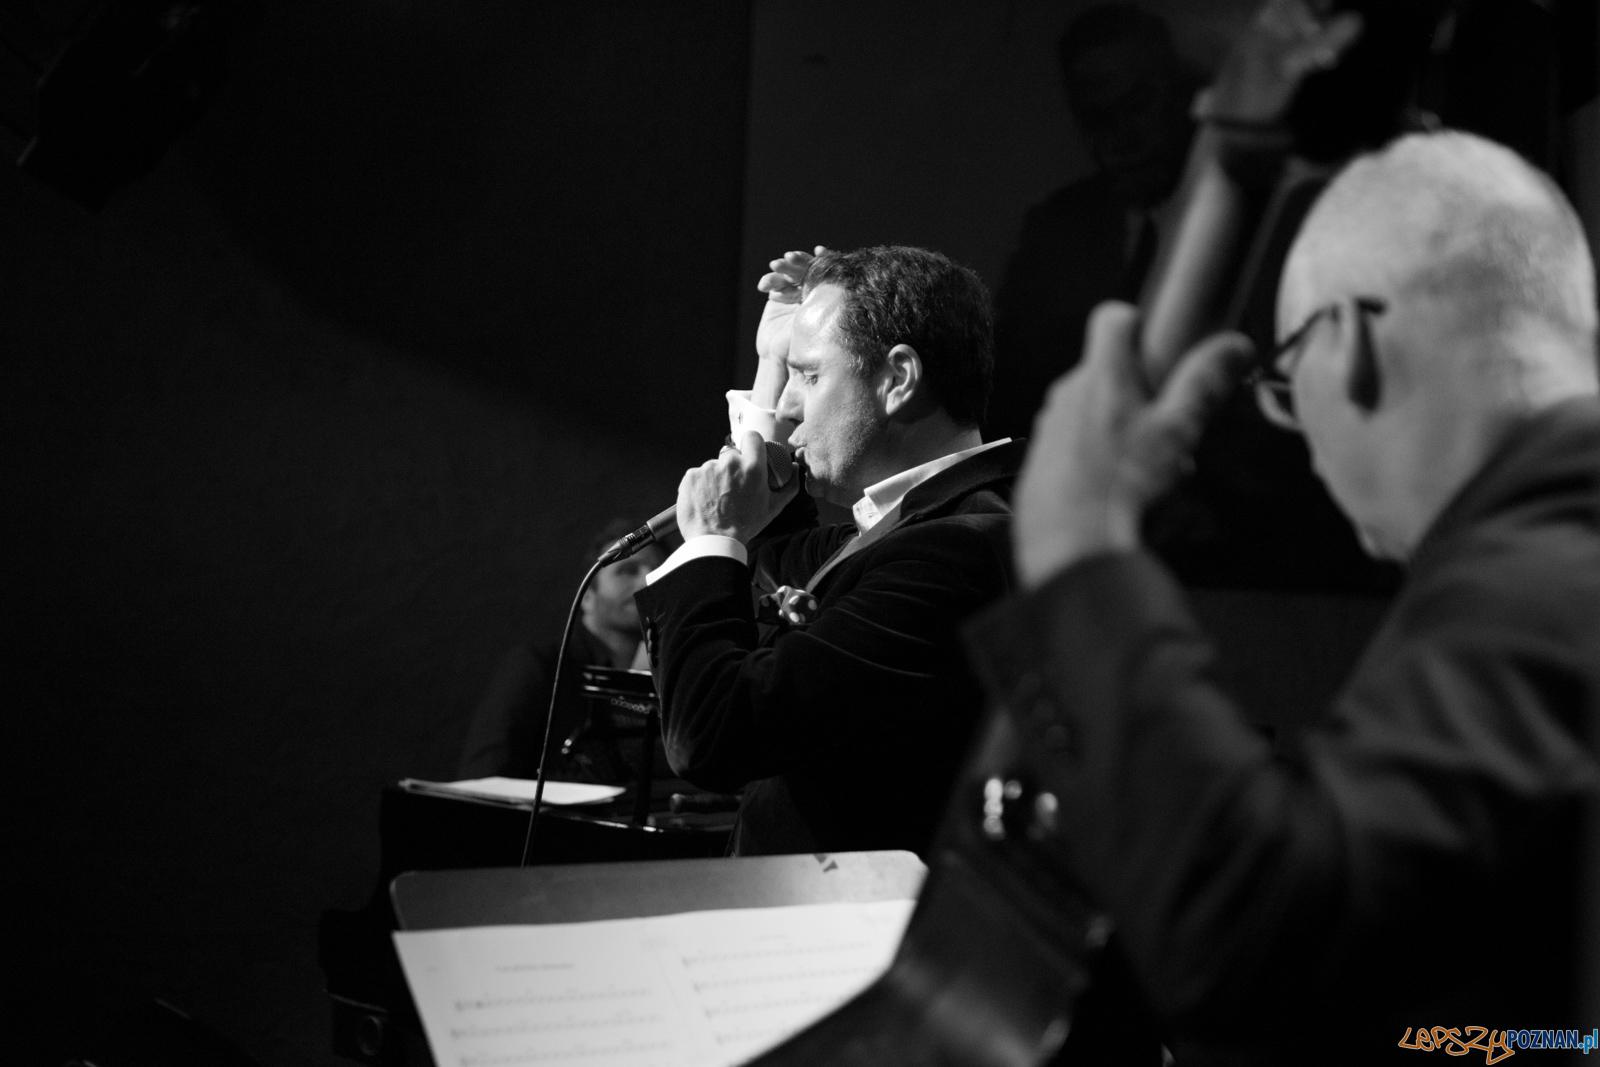 Chris Schittulli śpiewa Aznavoura  Foto: lepszyPOZNAN.pl / Ewelina Jaśkowiak